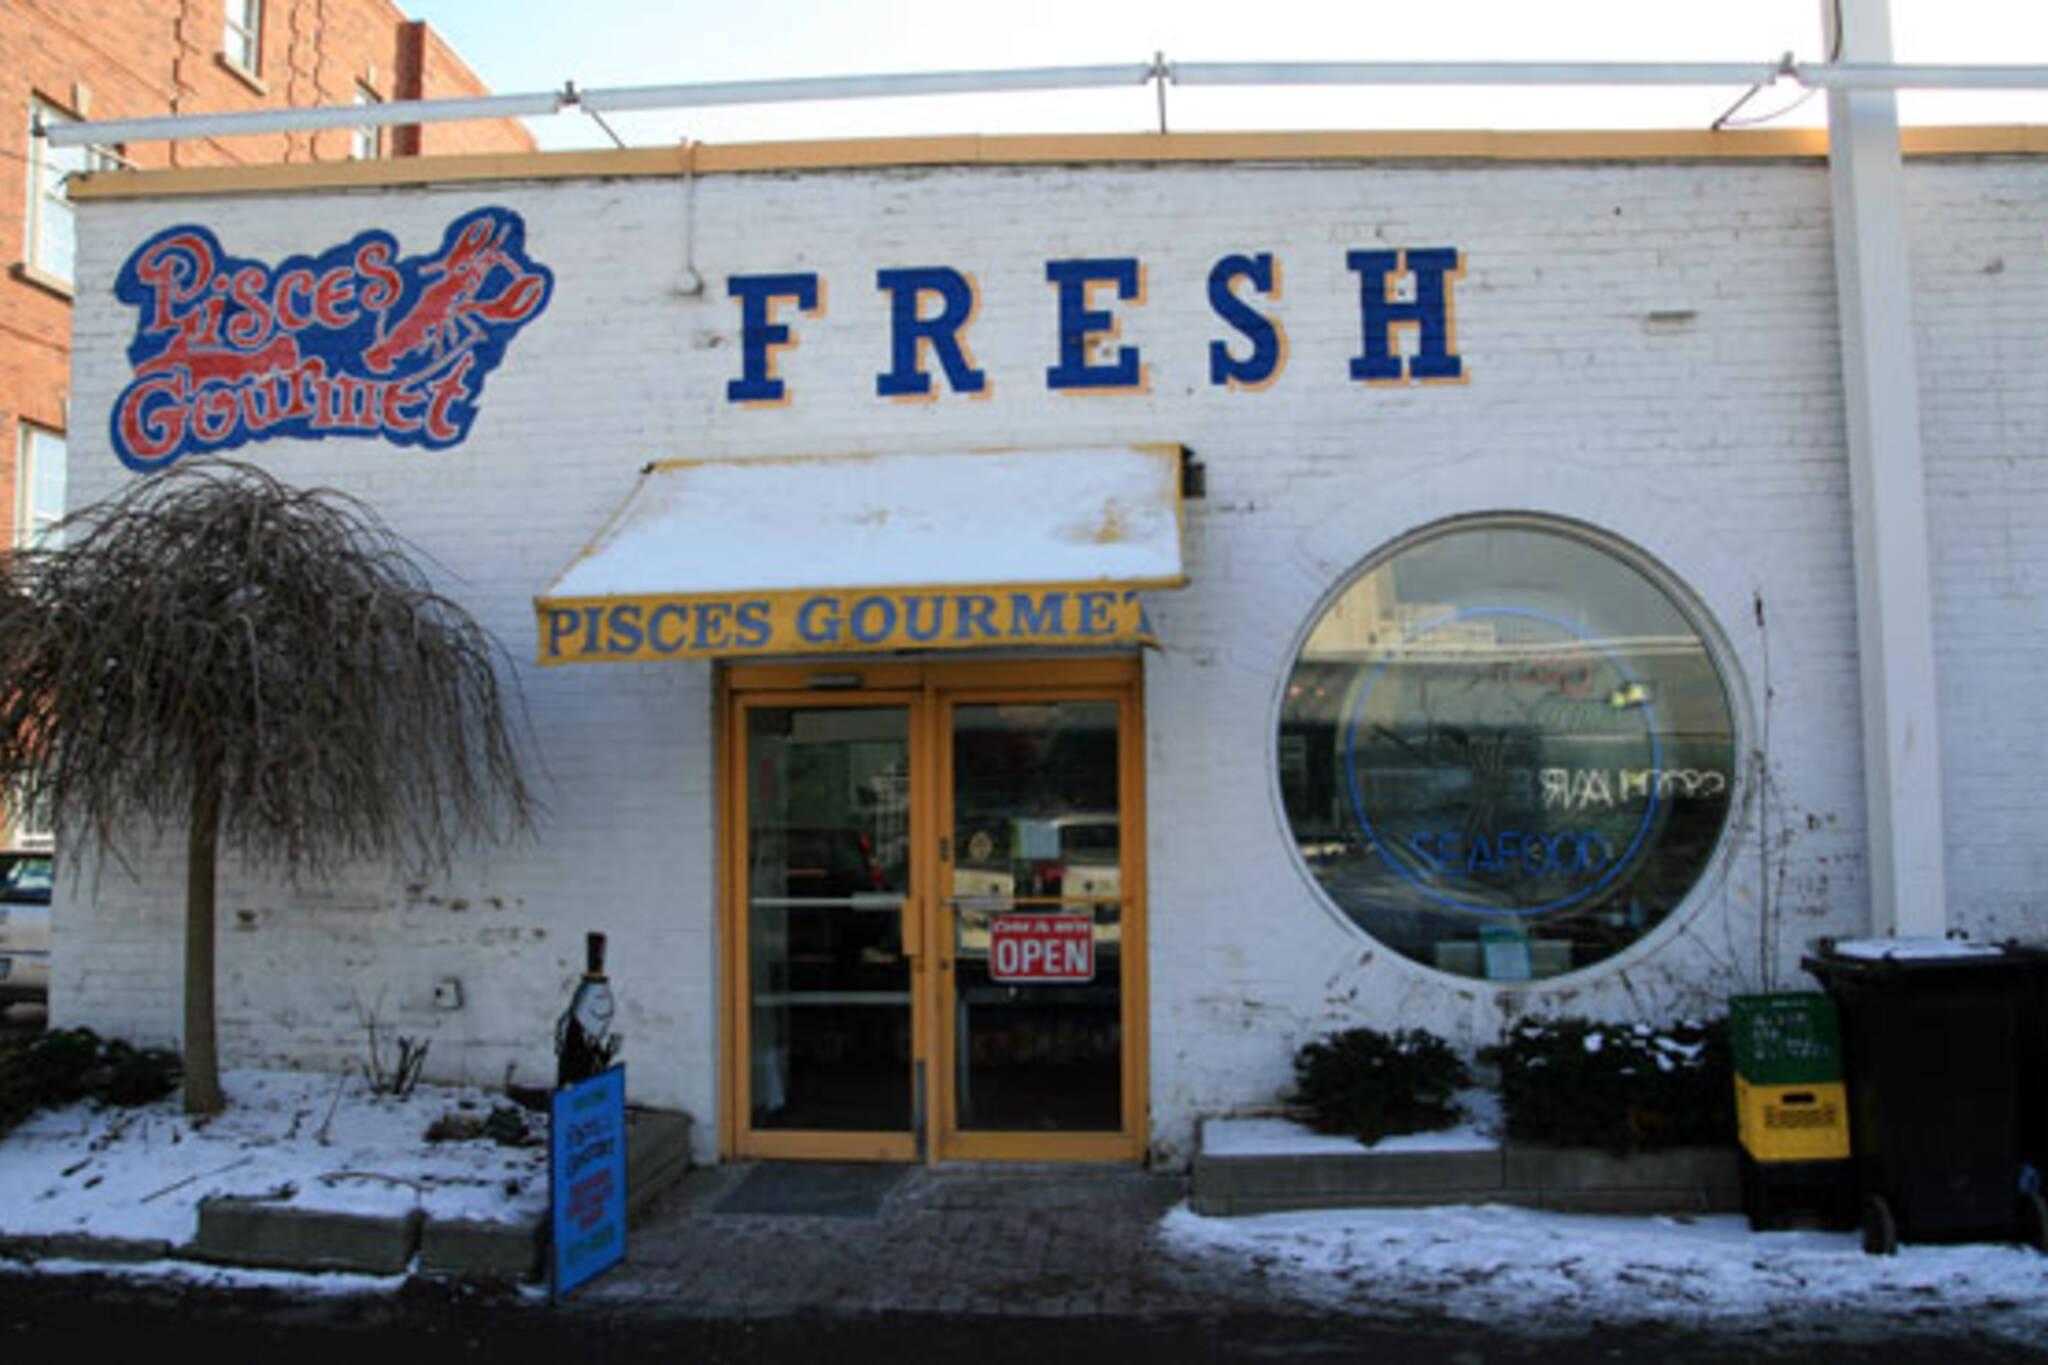 Pisces Toronto